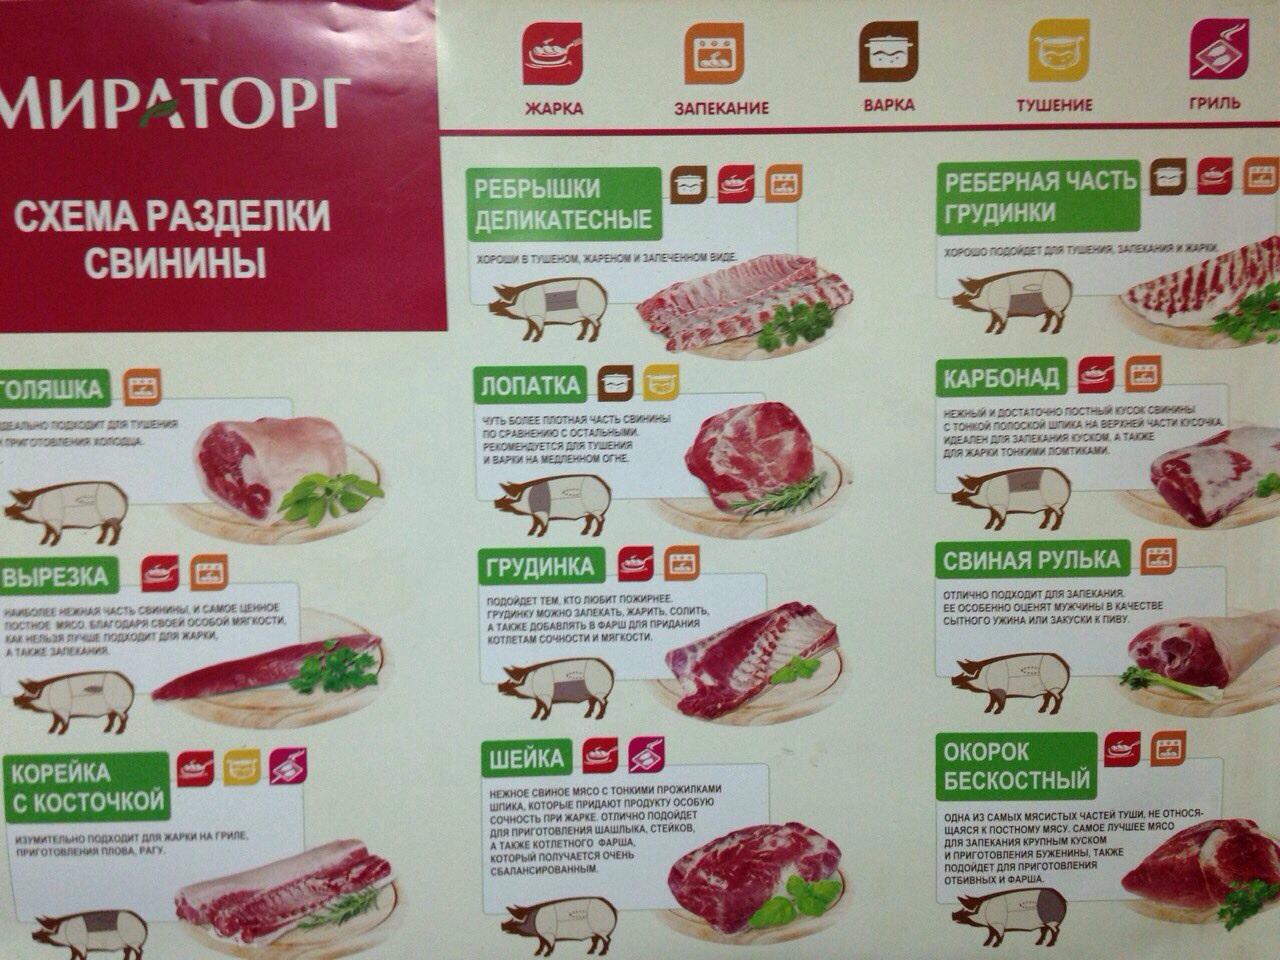 Мясо, мясные полуфабрикаты, субпродукты